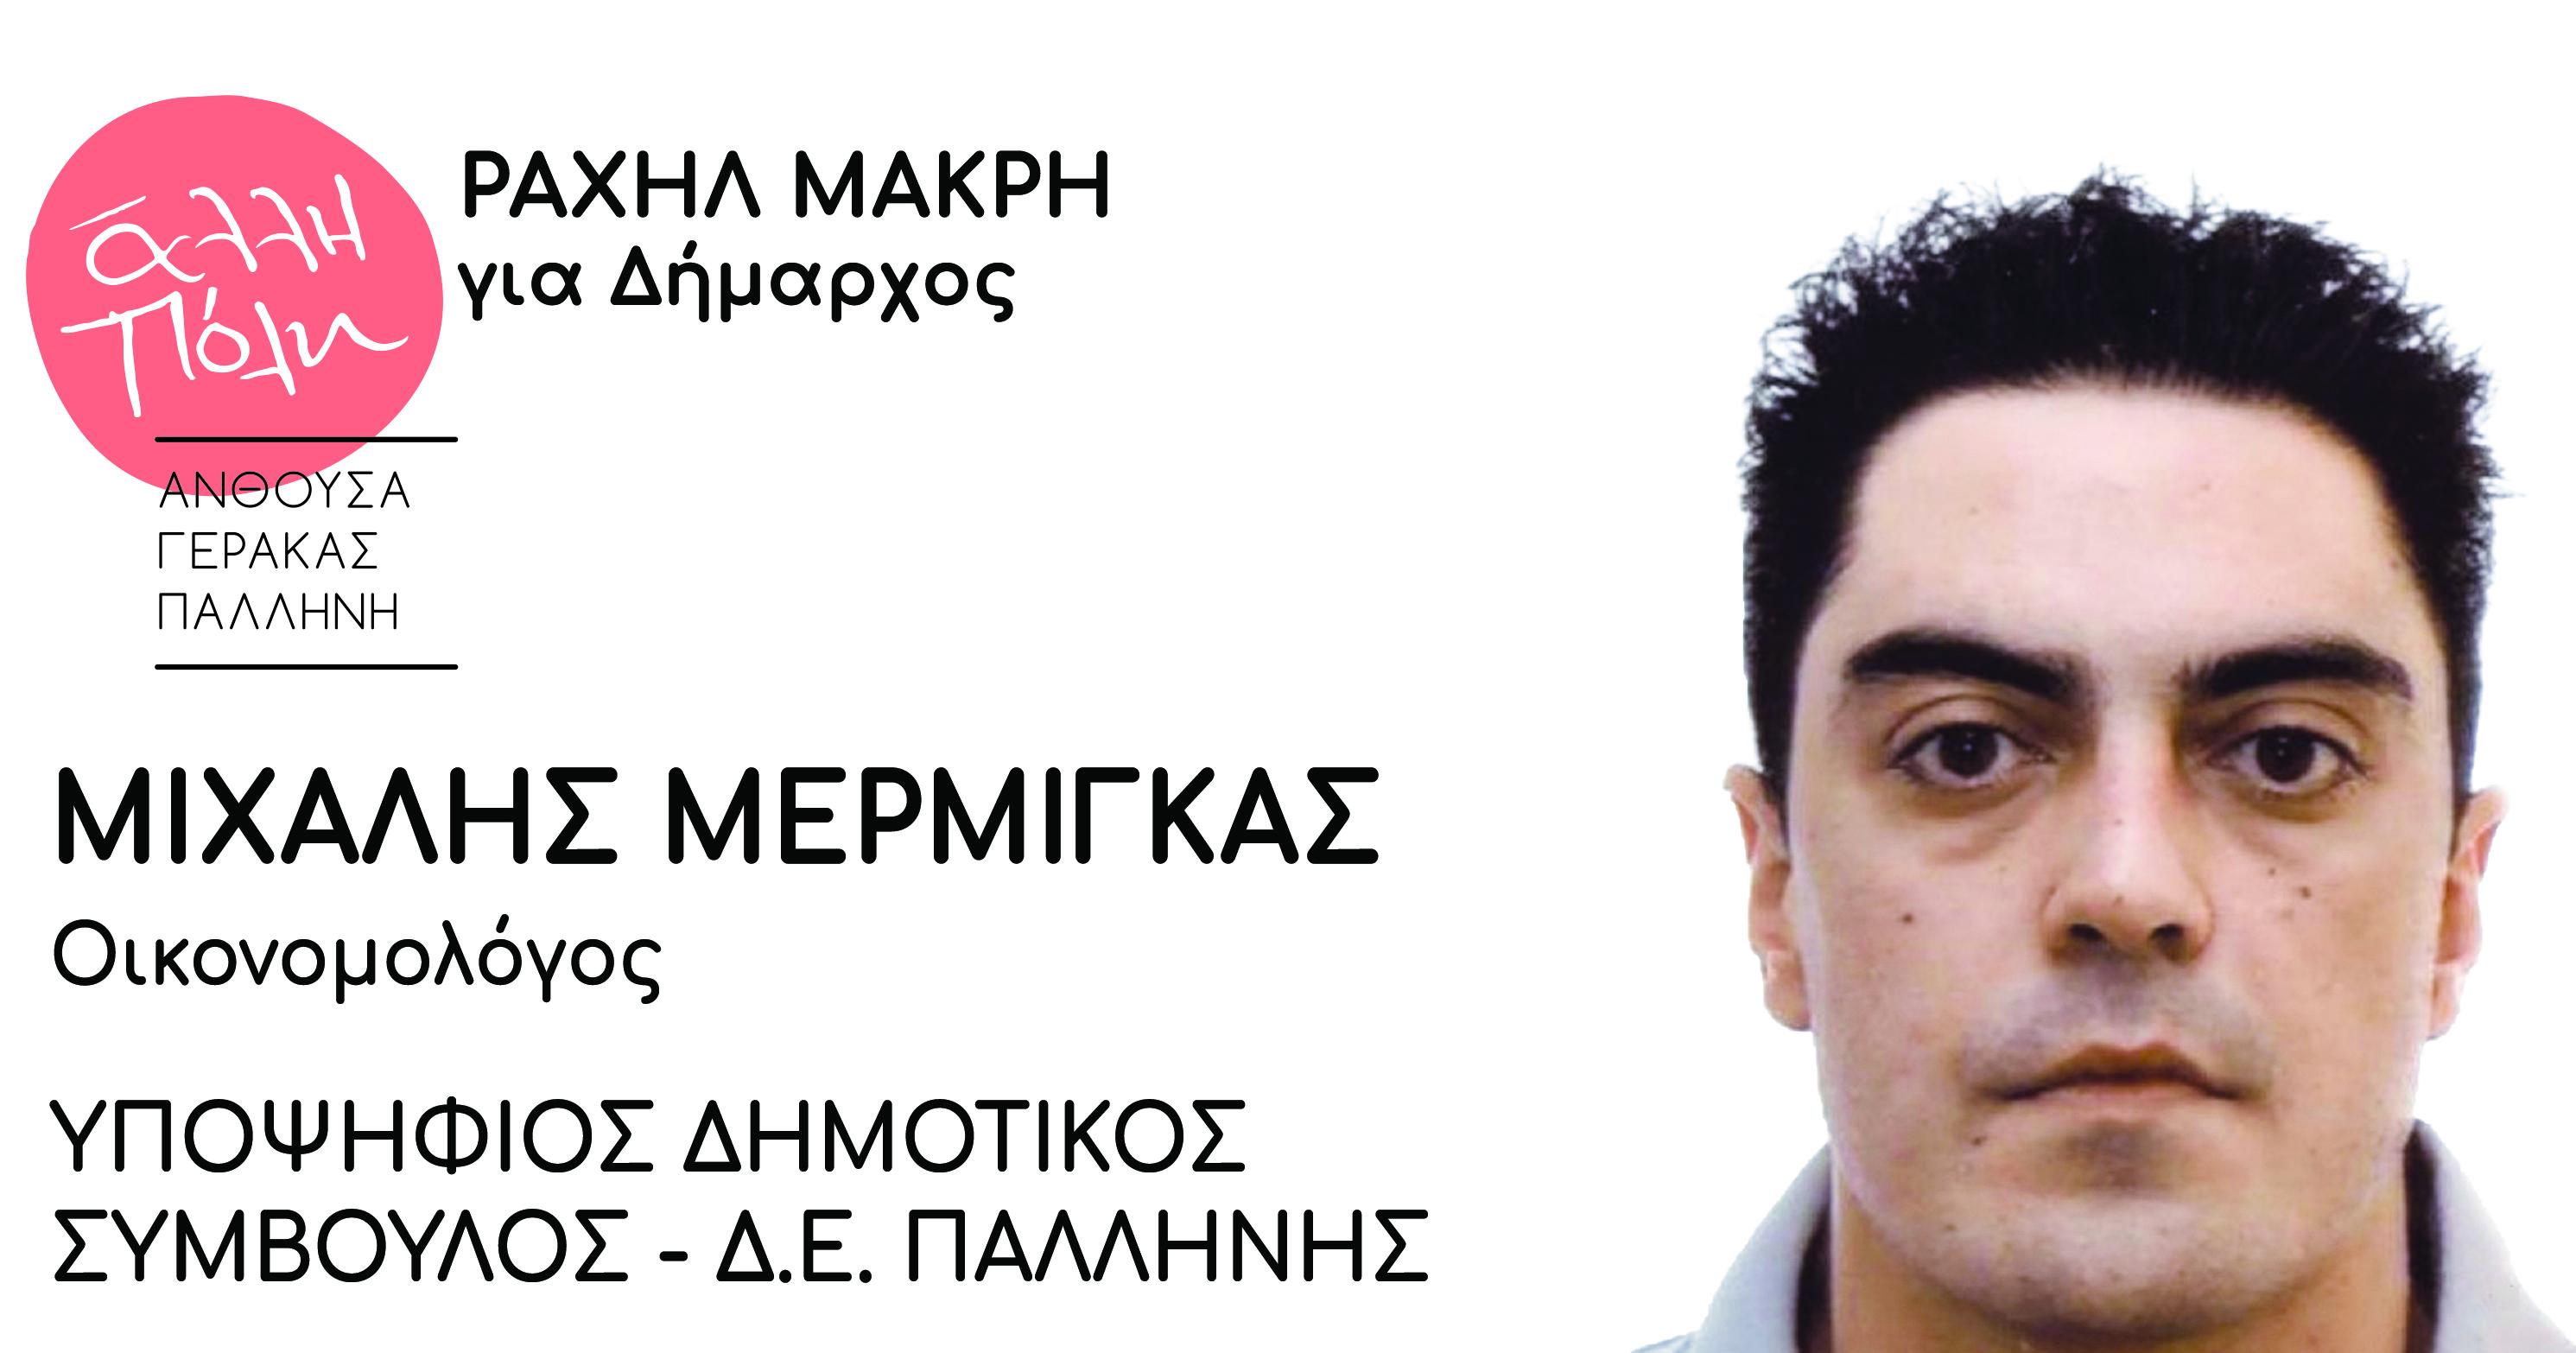 Υποψήφιος Δημοτικός Σύμβουλος – Μιχάλης Μέρμιγκας